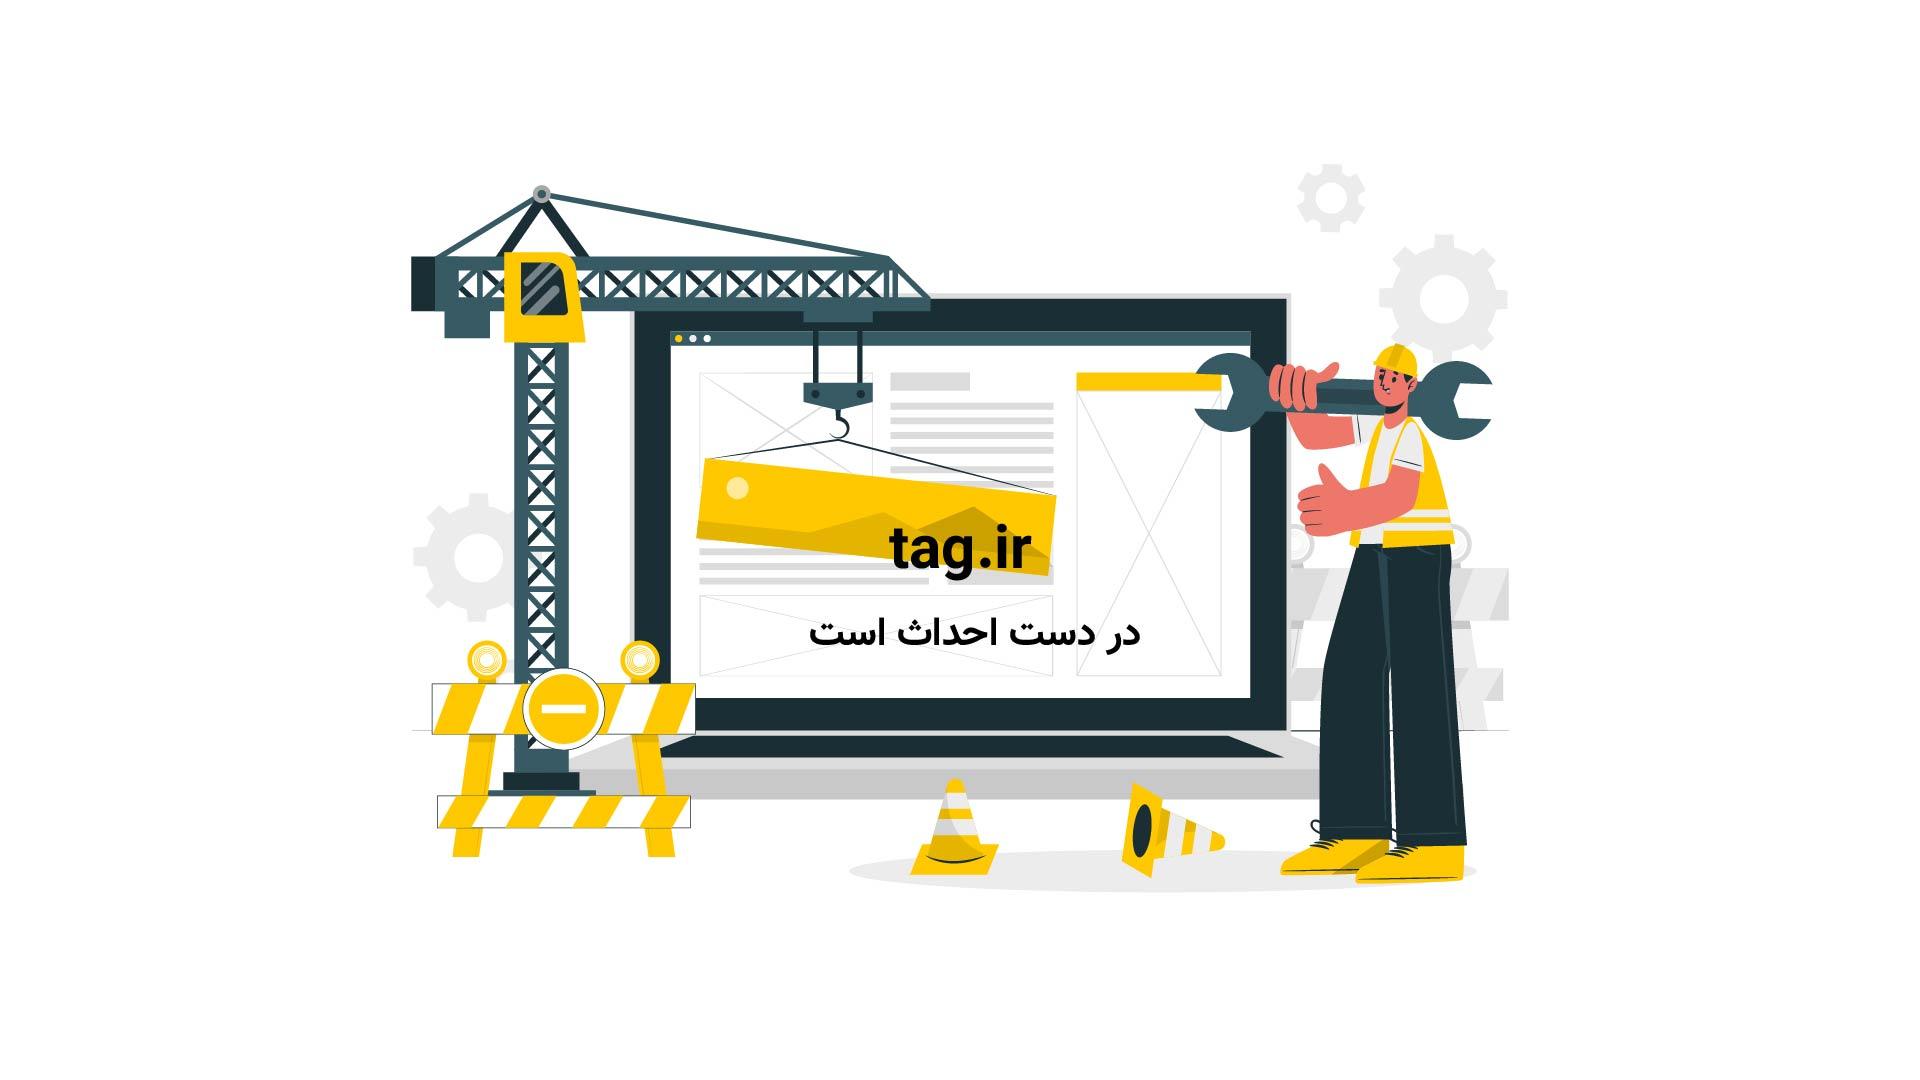 یک روز پس از آتش سوزی میدان حسن آباد | فیلم